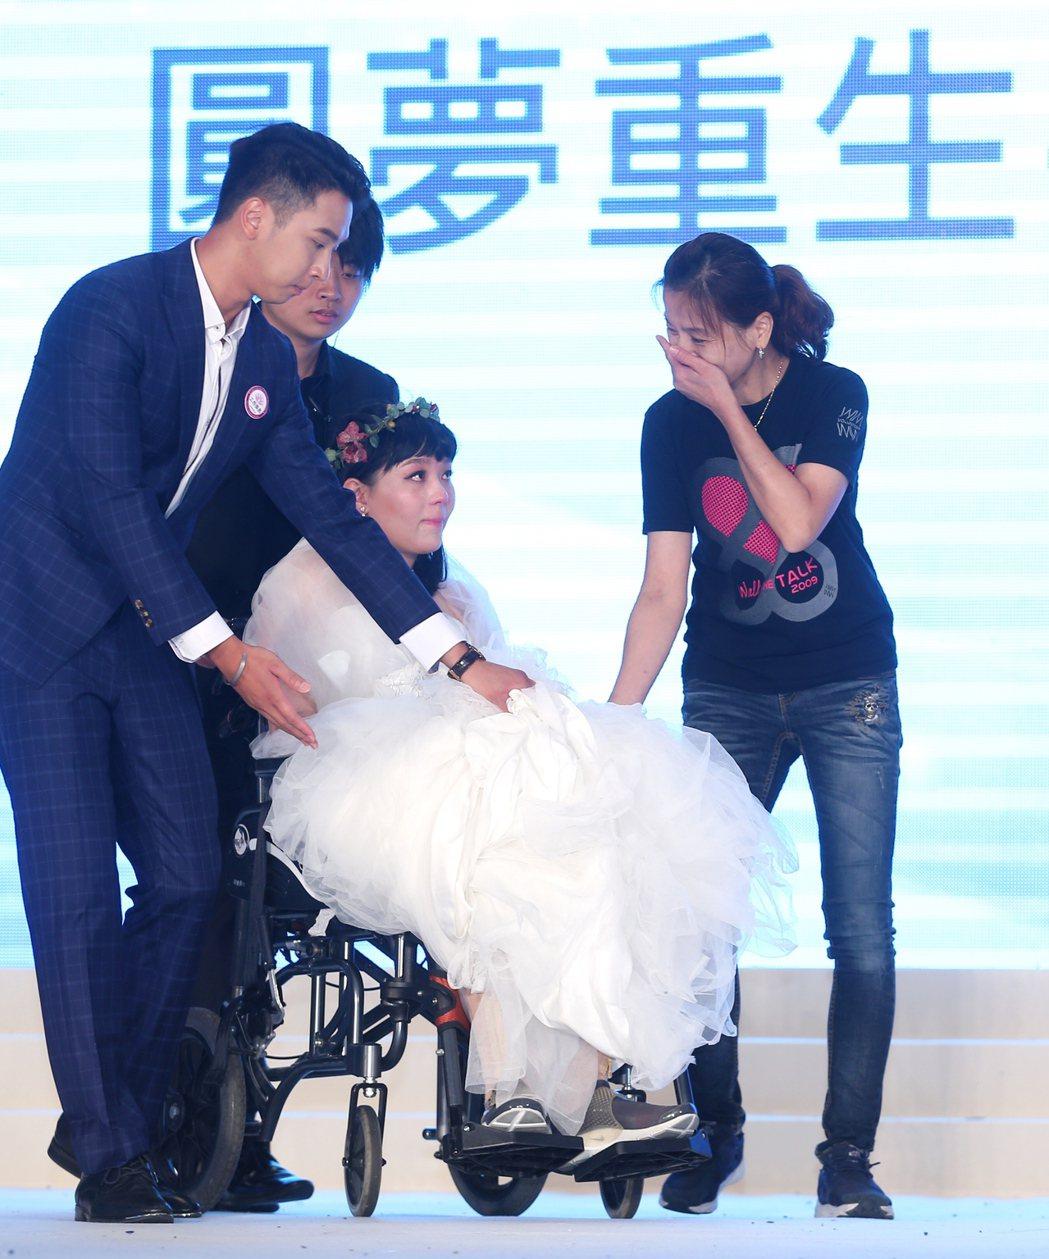 曾在2013年參加城市小姐選拔的八仙事件傷者林佩璇(中)在媽媽(右)陪同下重回舞...